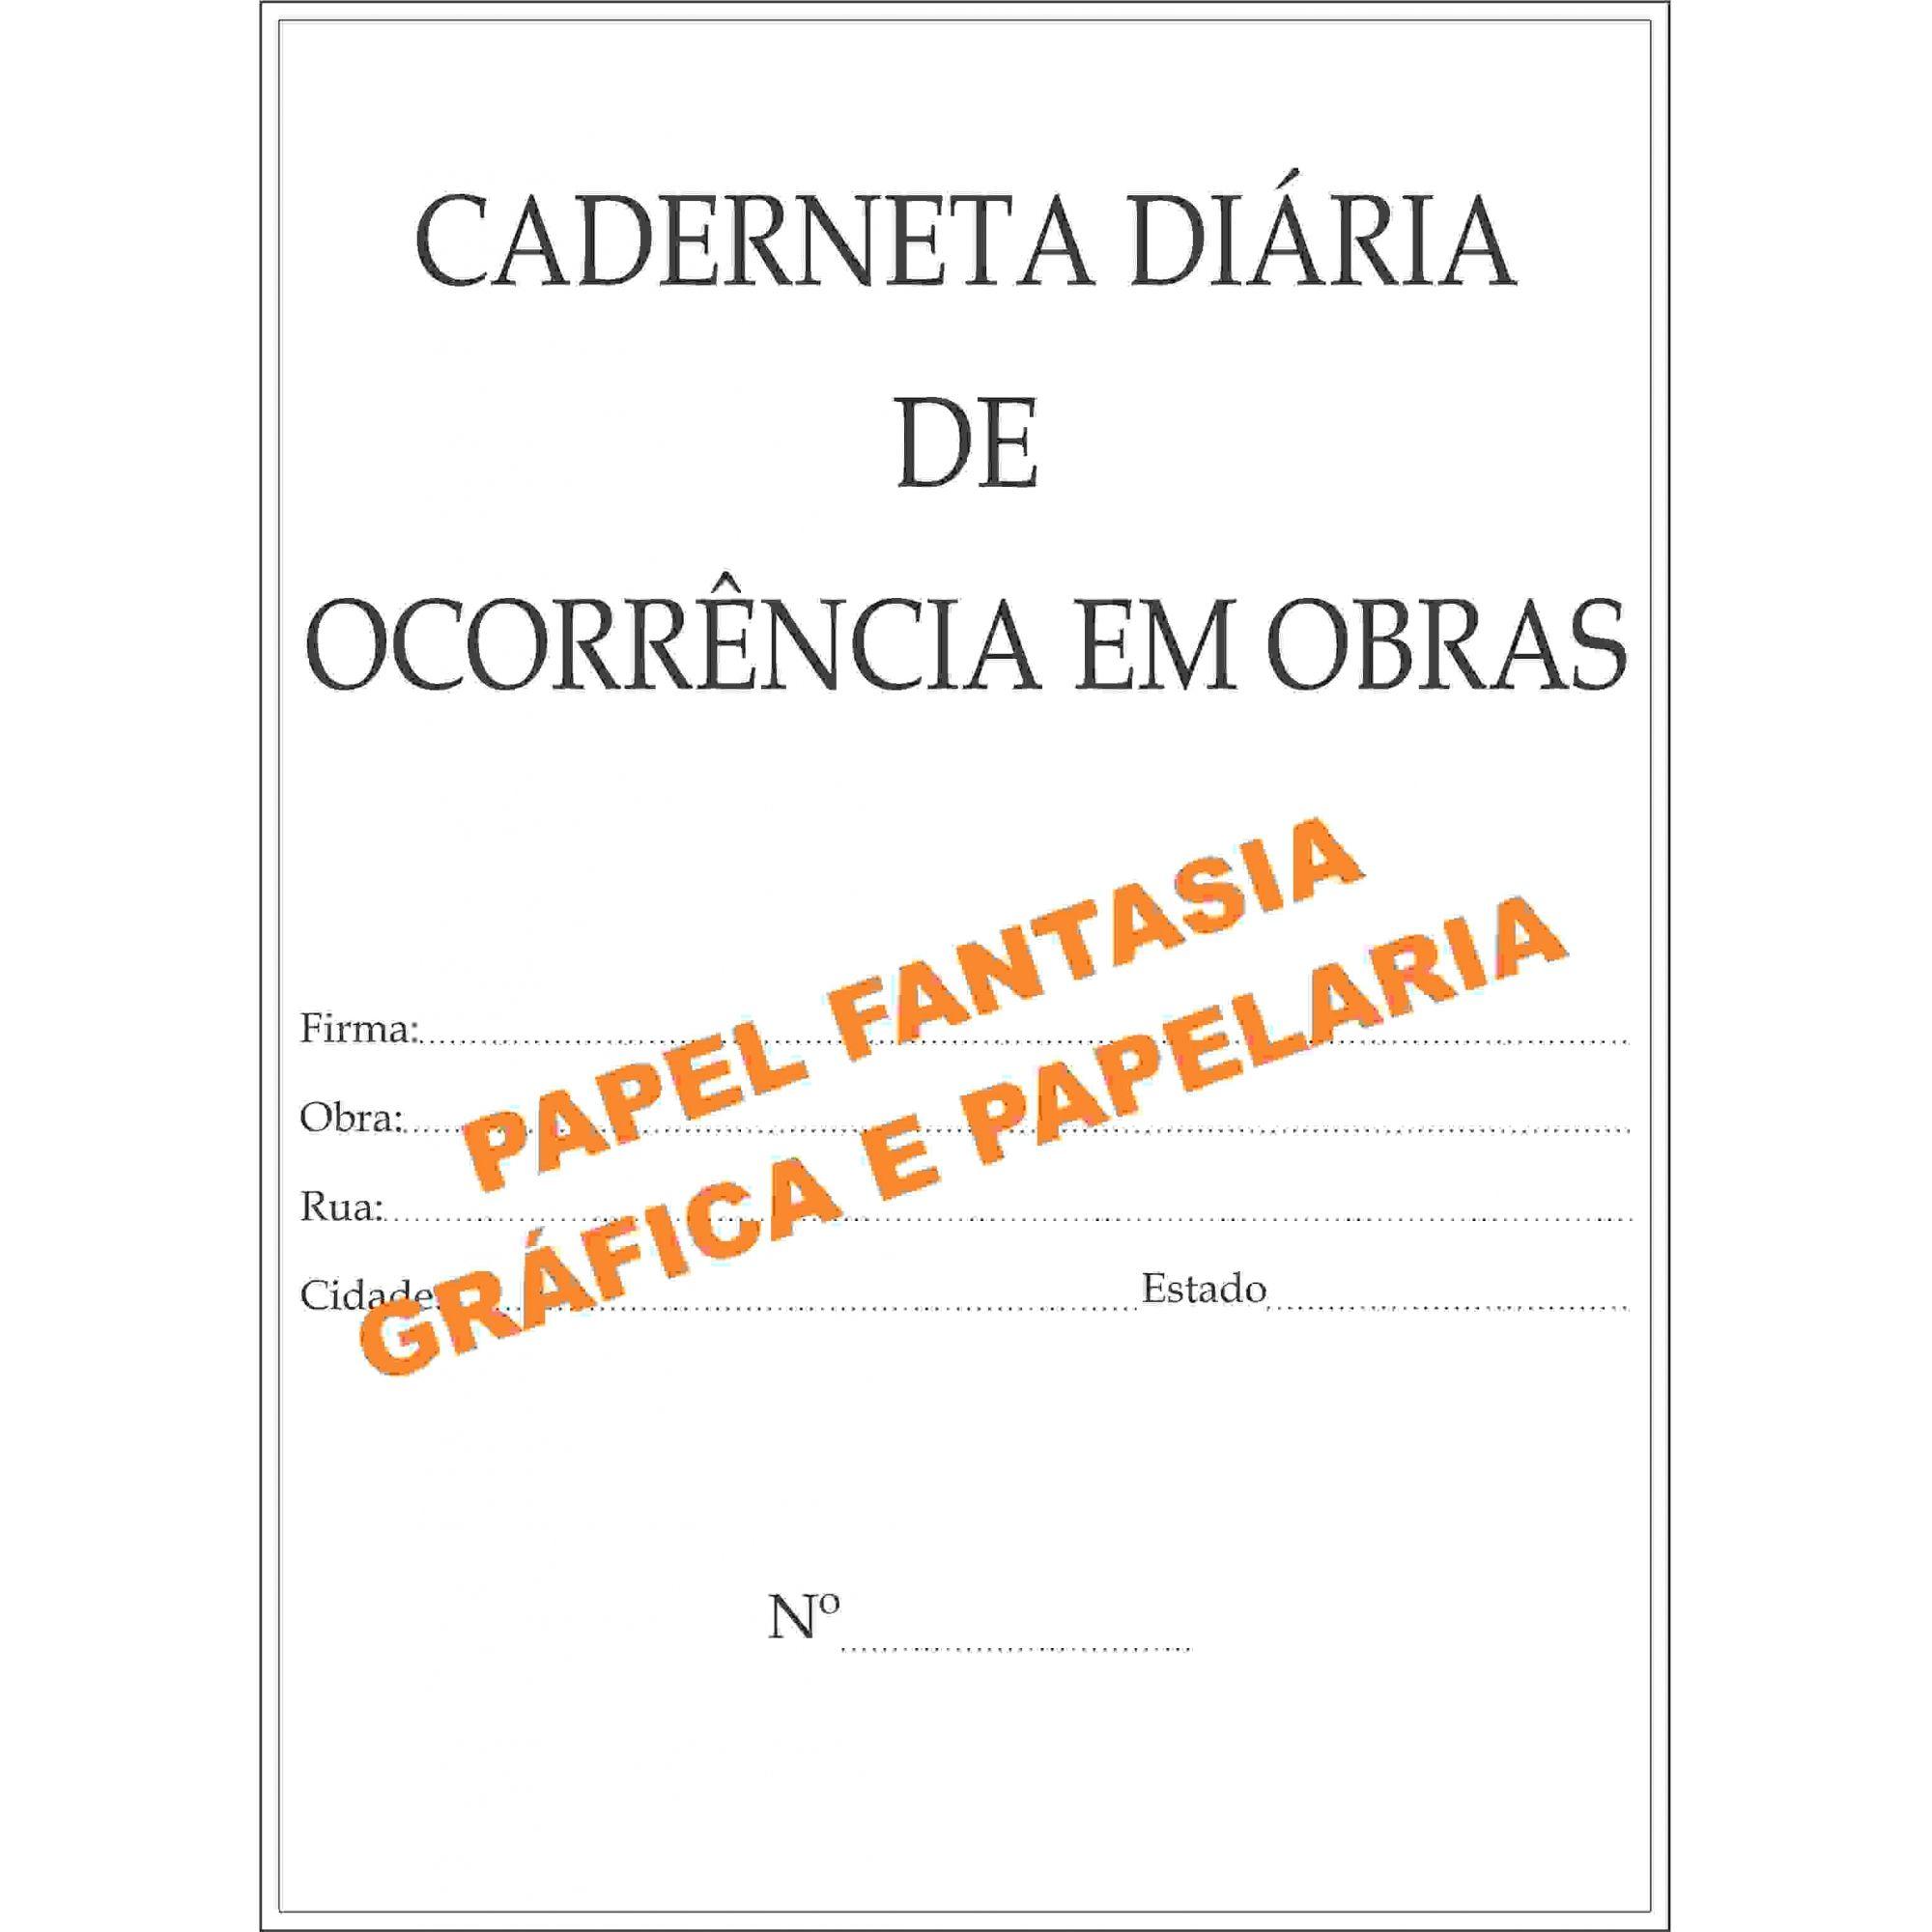 Livro Caderneta Diario de Obras 50 x 2